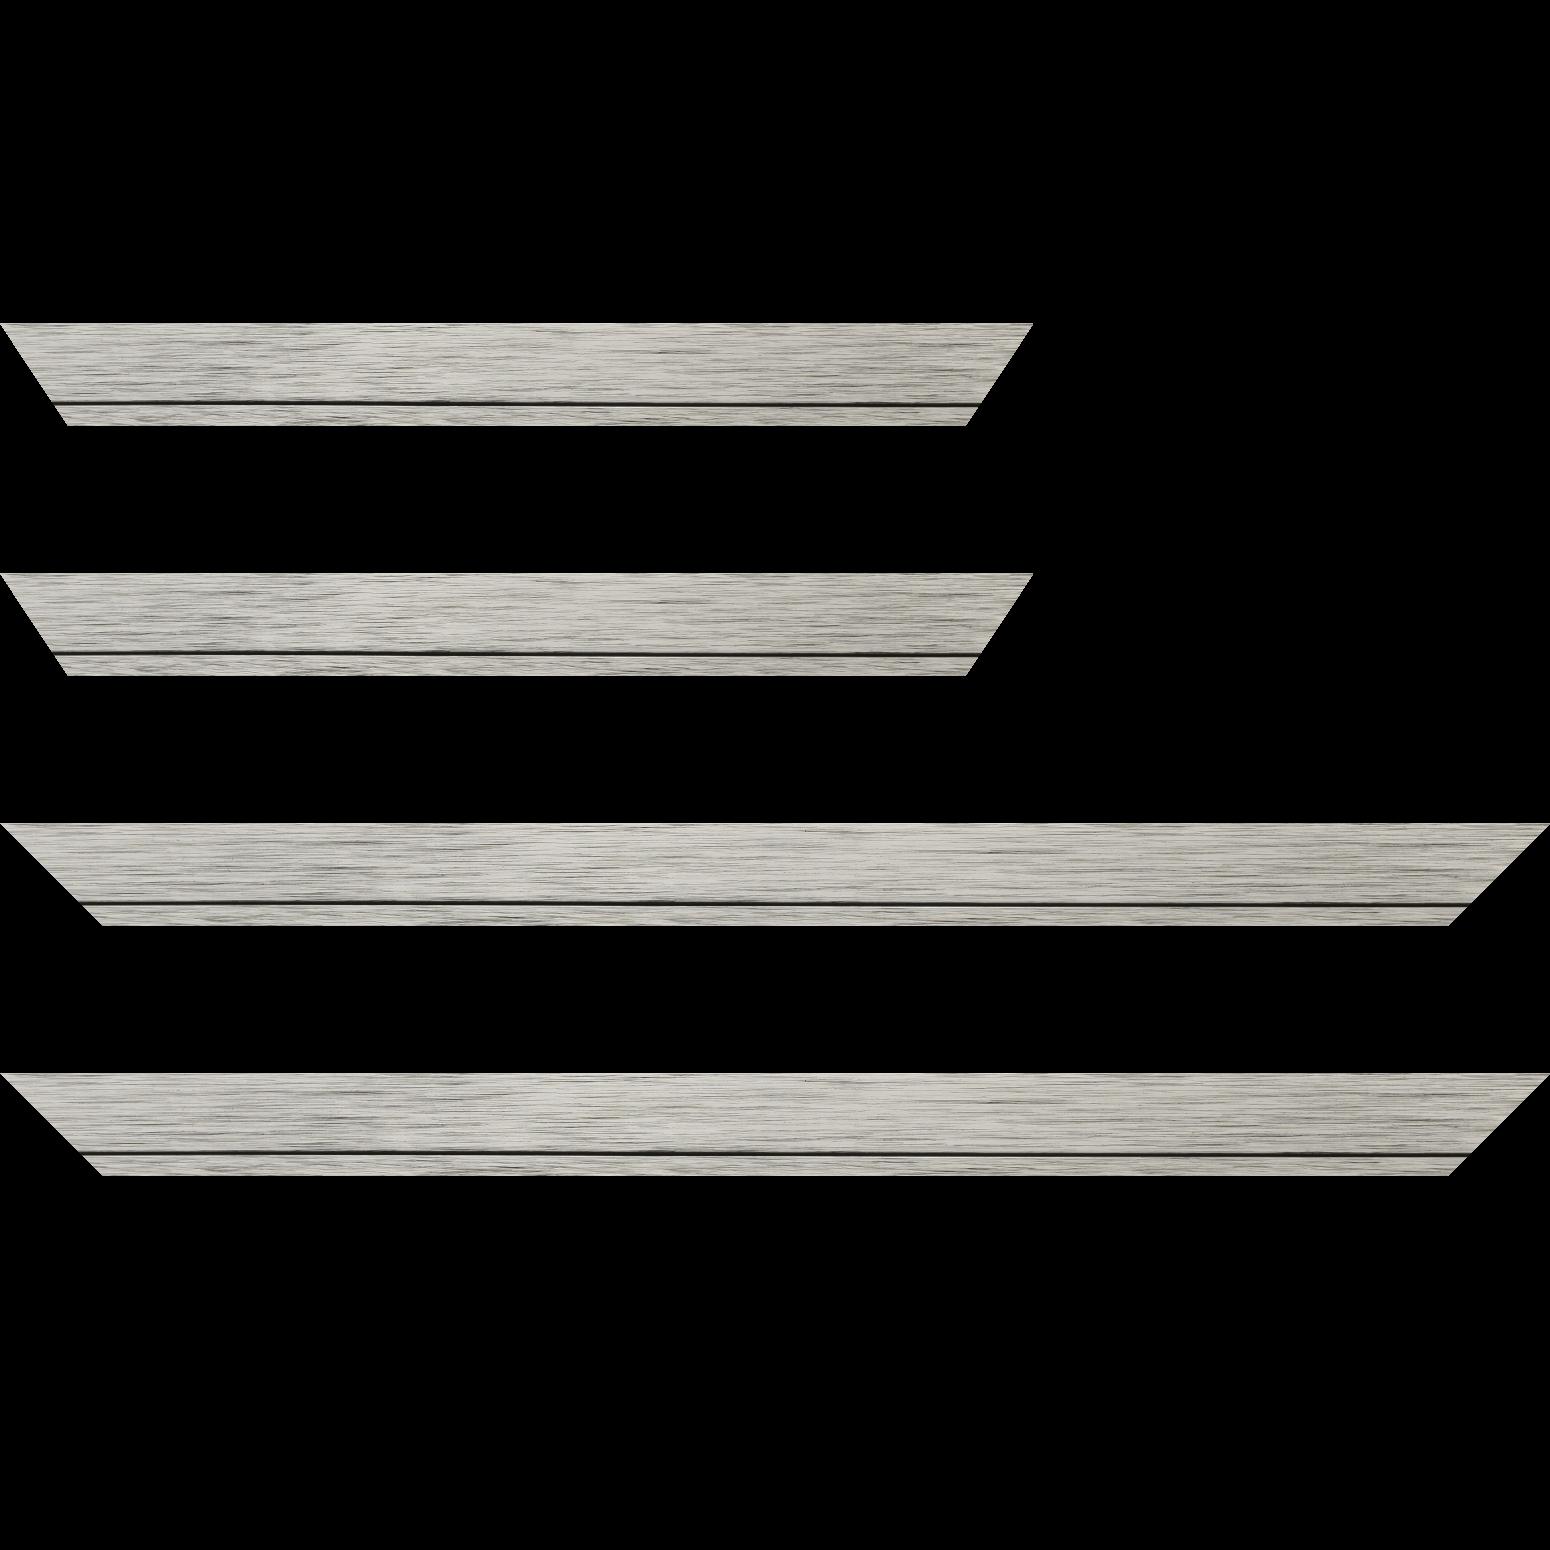 Baguette service précoupé Bois profil plat largeur 3.3cm couleur argent  filet argent